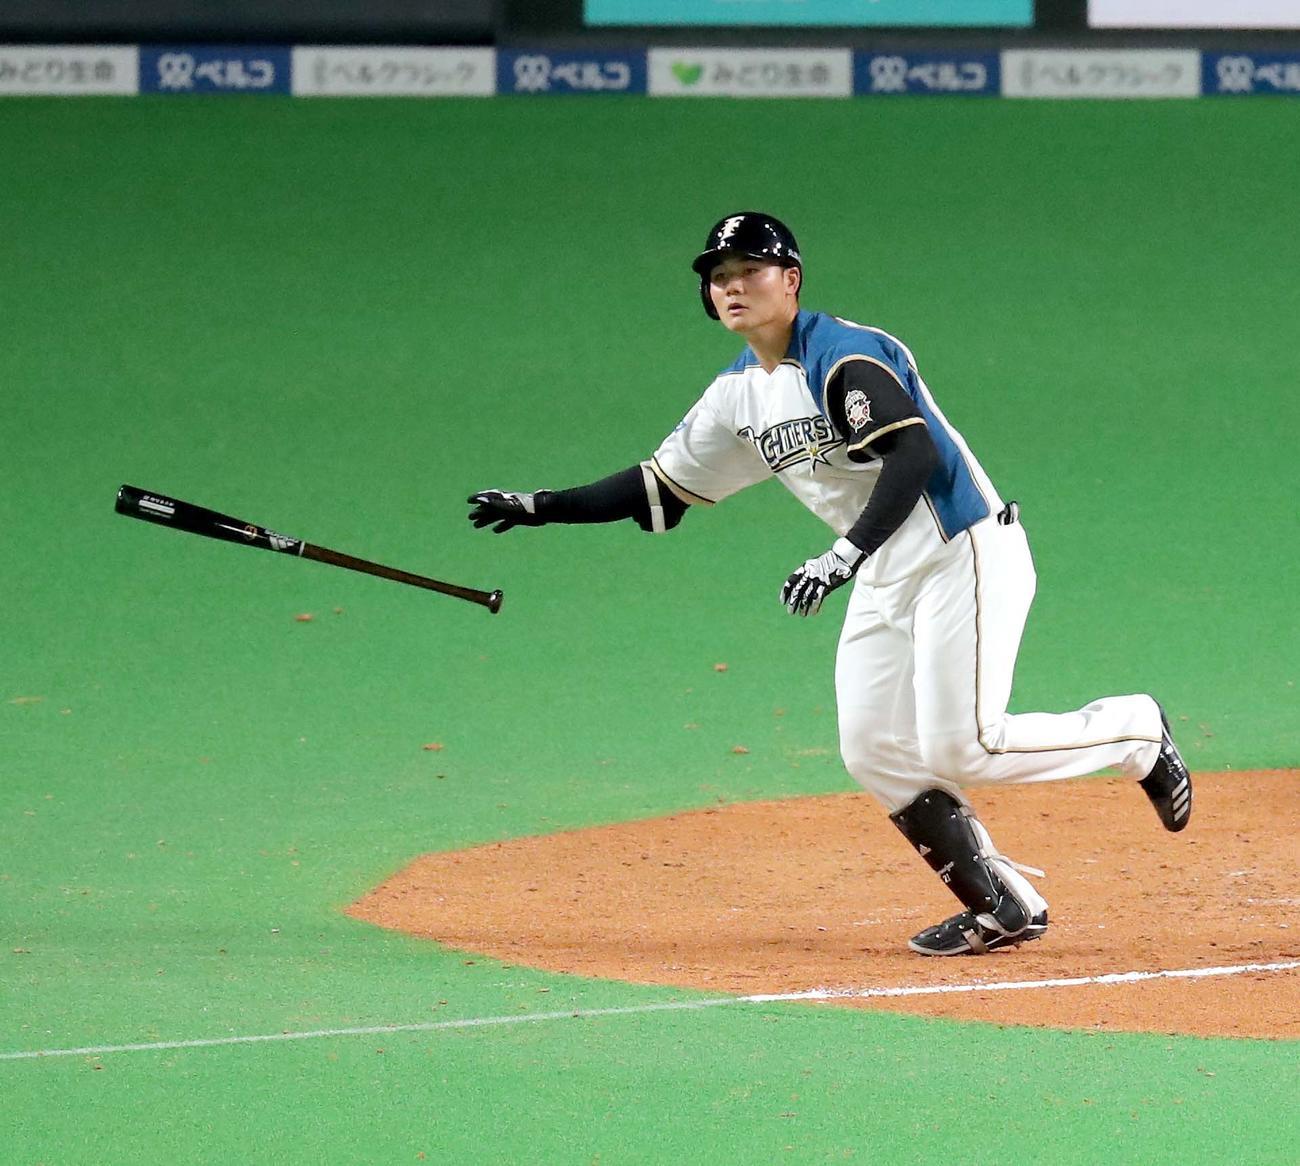 日本ハム対ソフトバンク 7回裏日本ハム1死一塁、清宮は右越え2点本塁打を放つ(撮影・佐藤翔太)